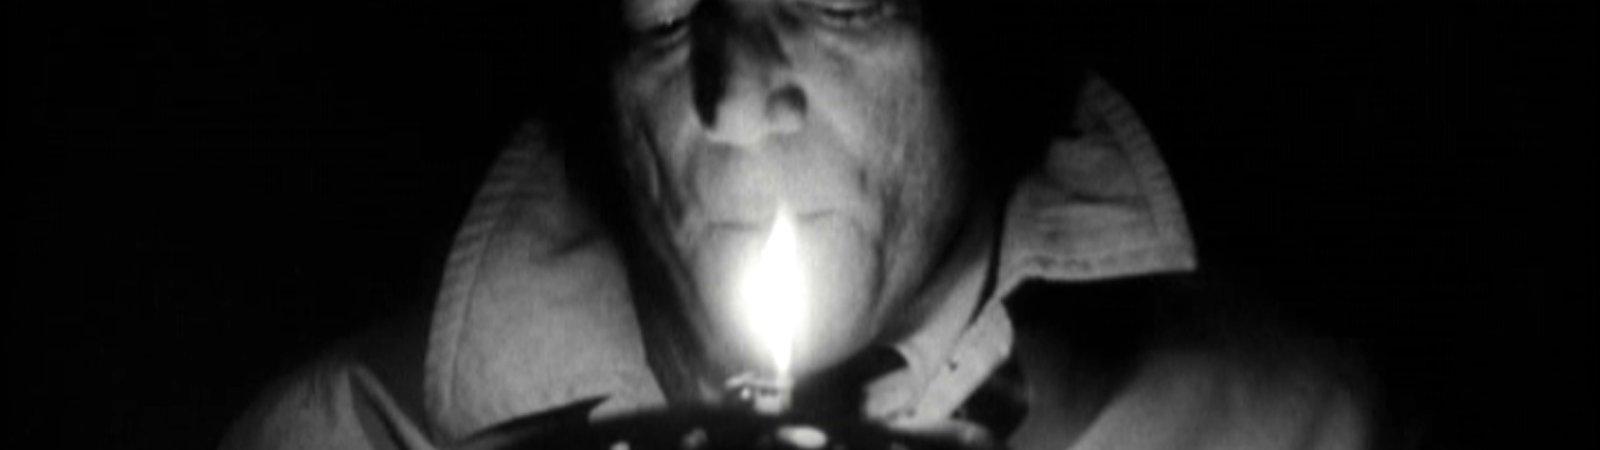 Photo dernier film Akim Tamiroff